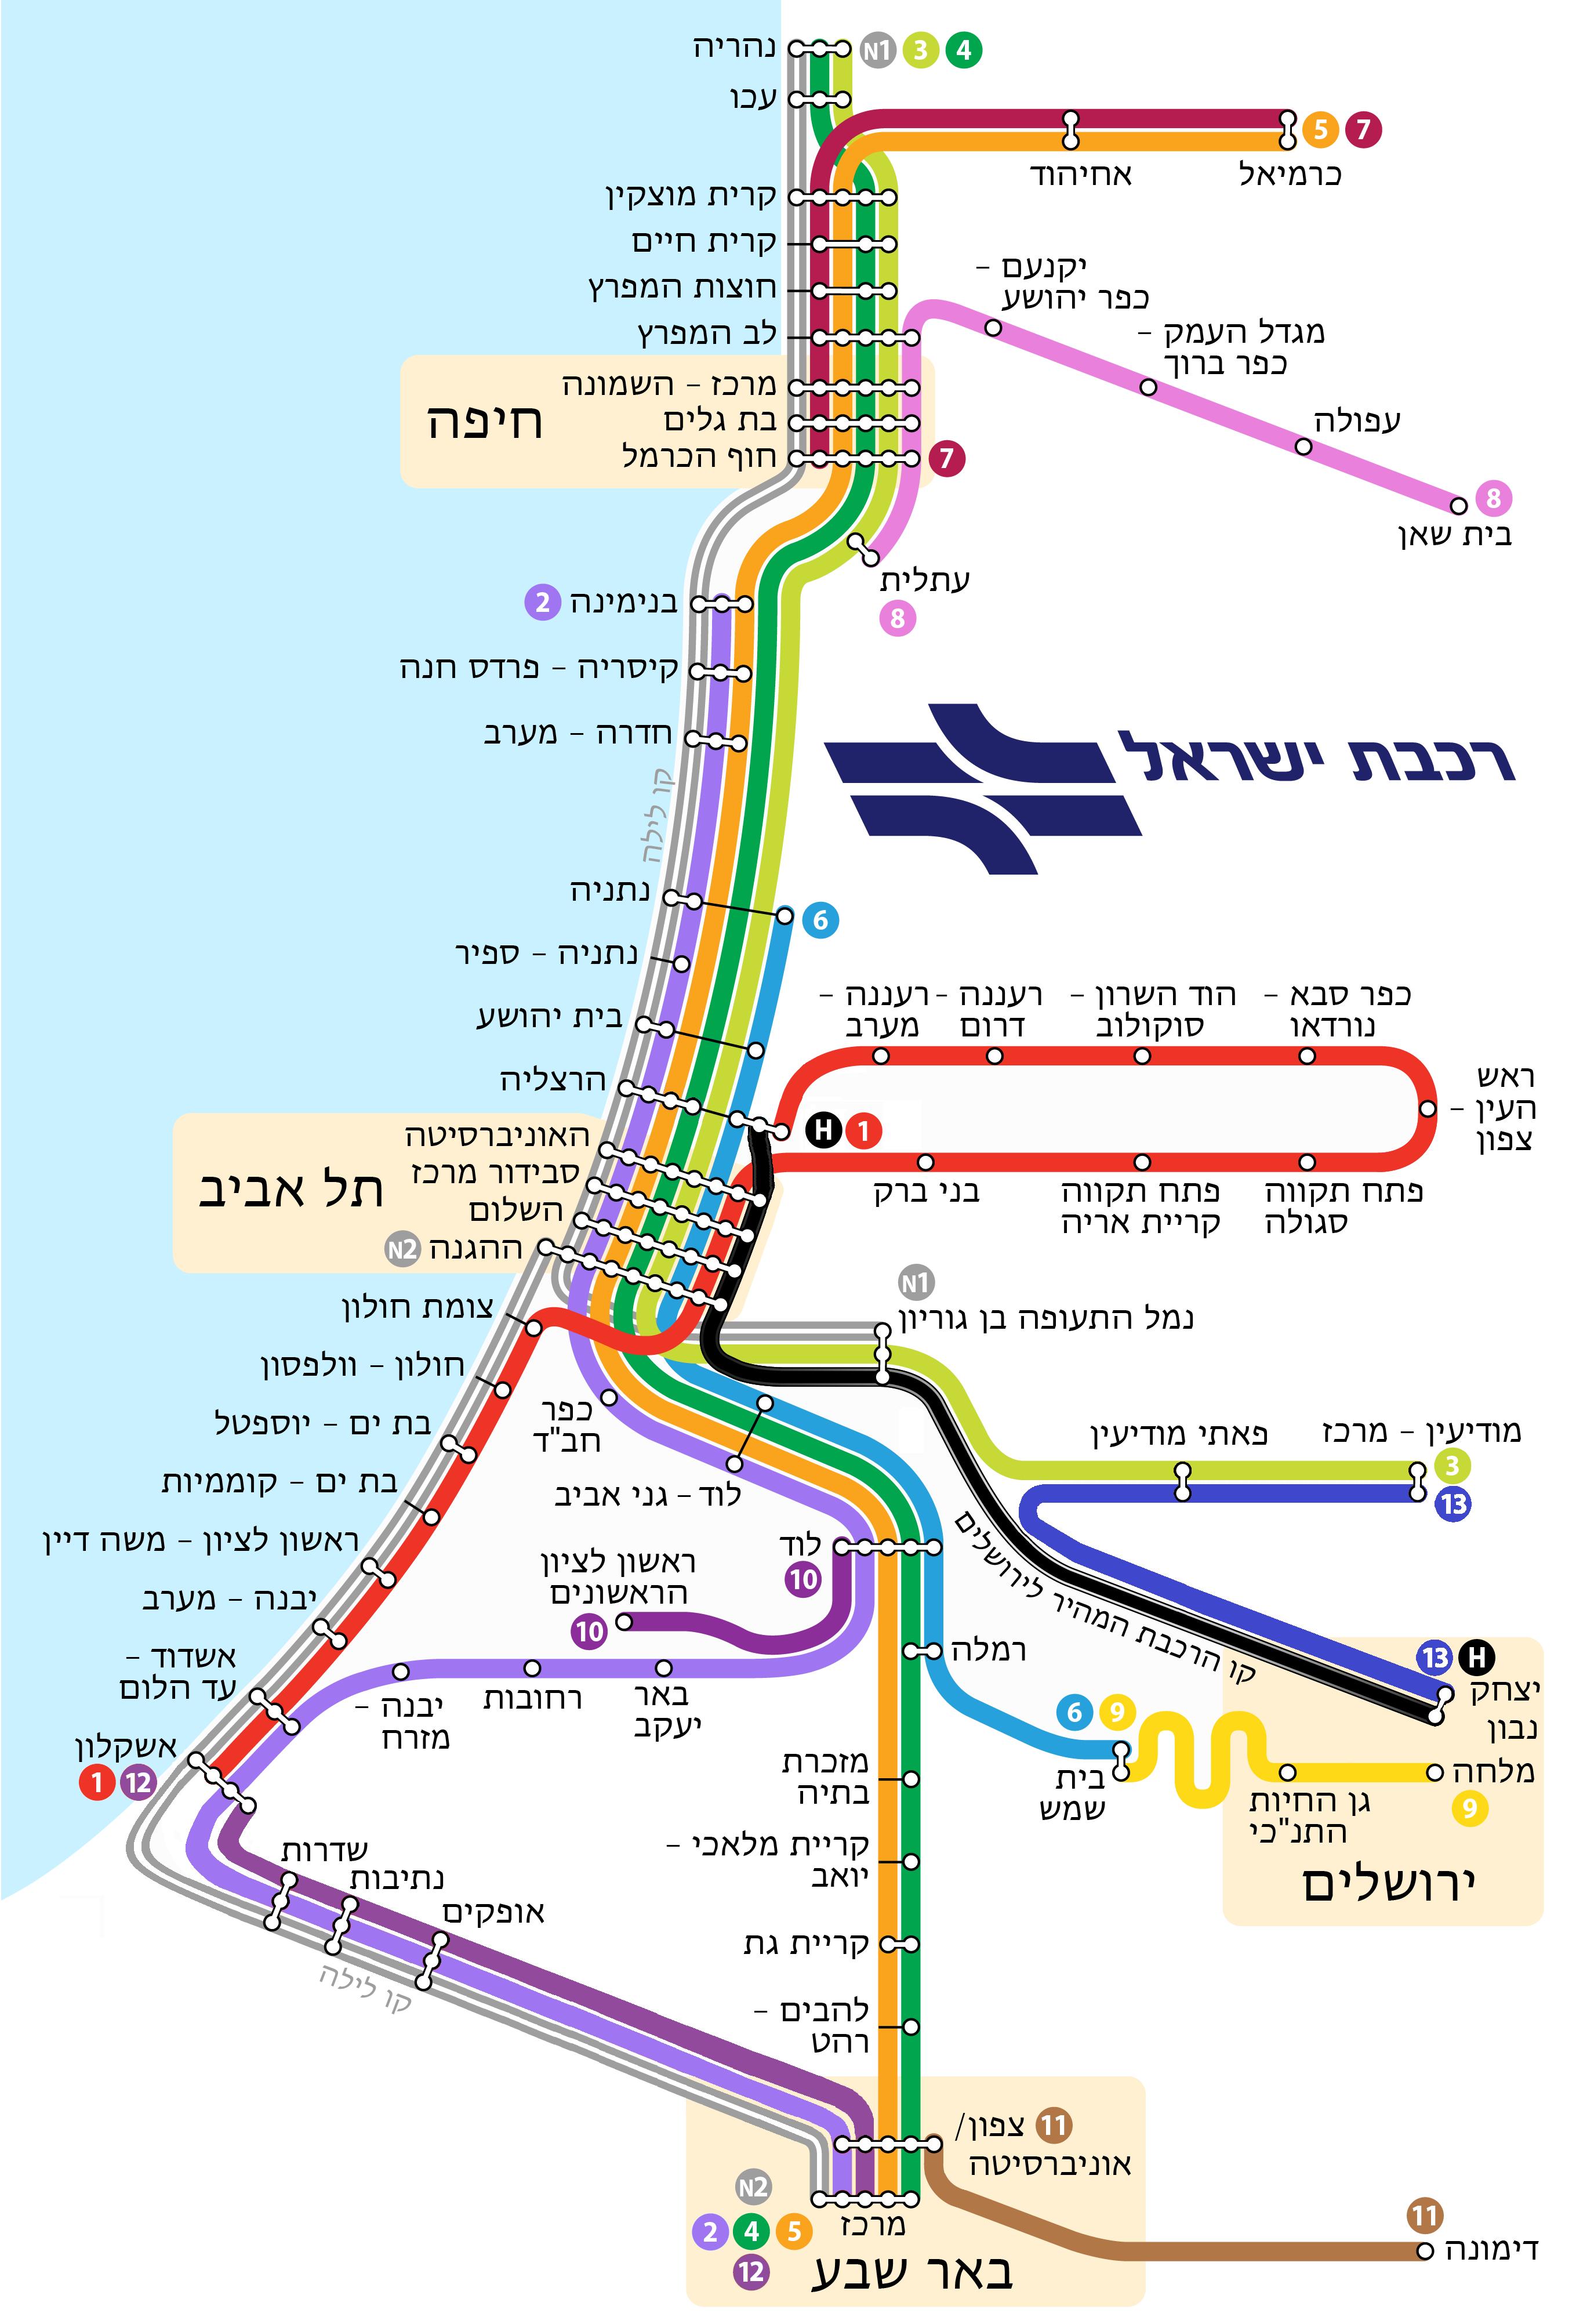 מותג חדש File:Israel Railways Map (he).png - Wikimedia Commons NH-93